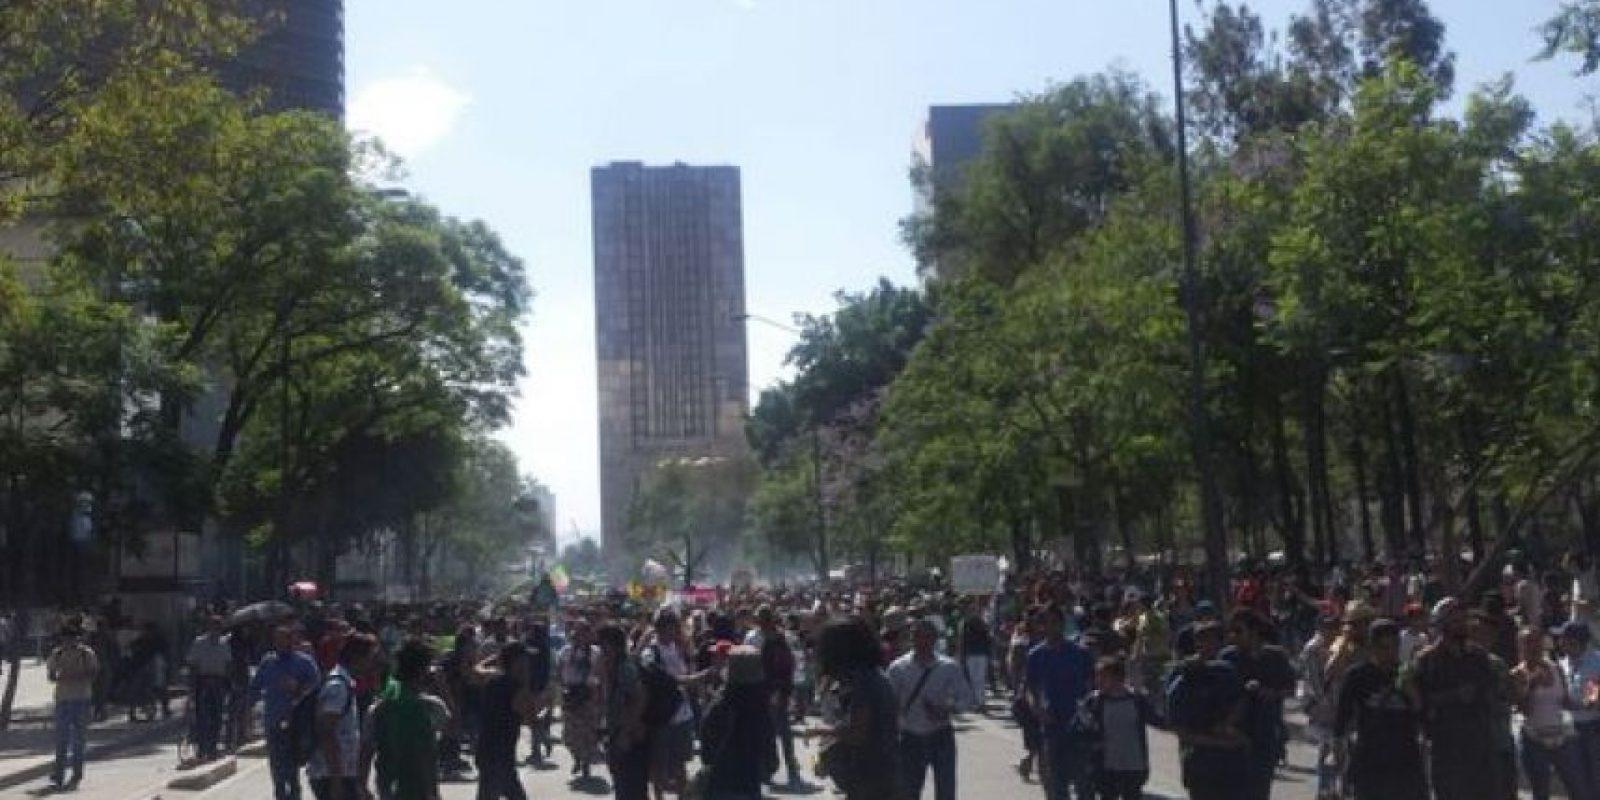 La marcha también se lleva a cabo en las capitales de países como Argentina y España Foto:@SeGobCDMX